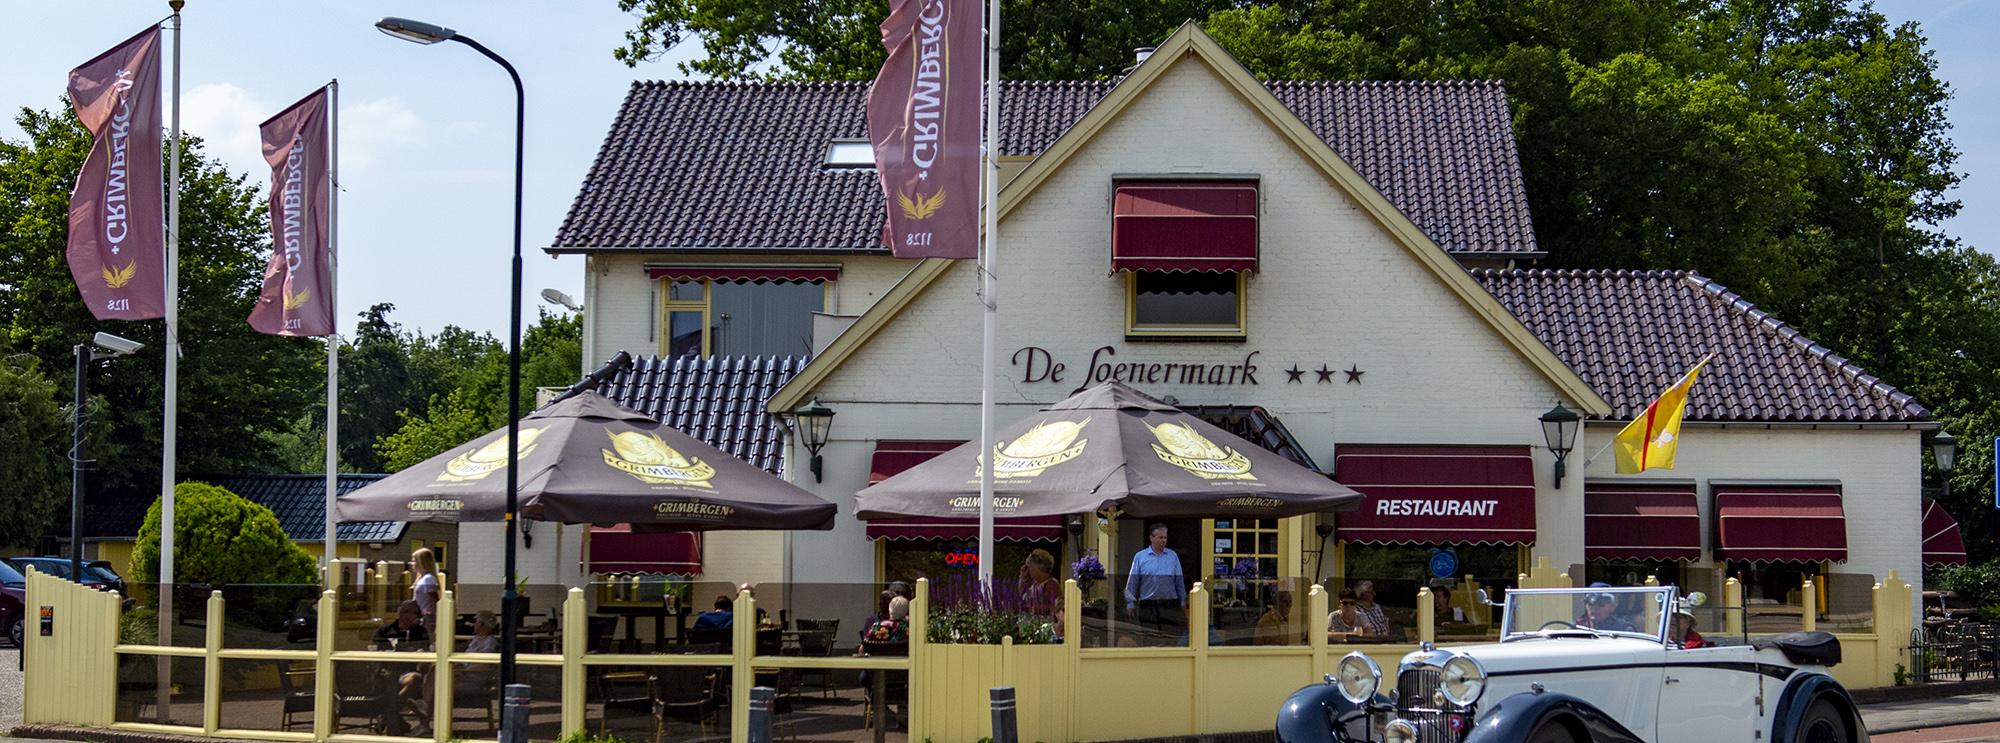 loenermark, hotel, restaurant, loenen, veluwe, gelderland, apeldoorn, overnachten, uiteten